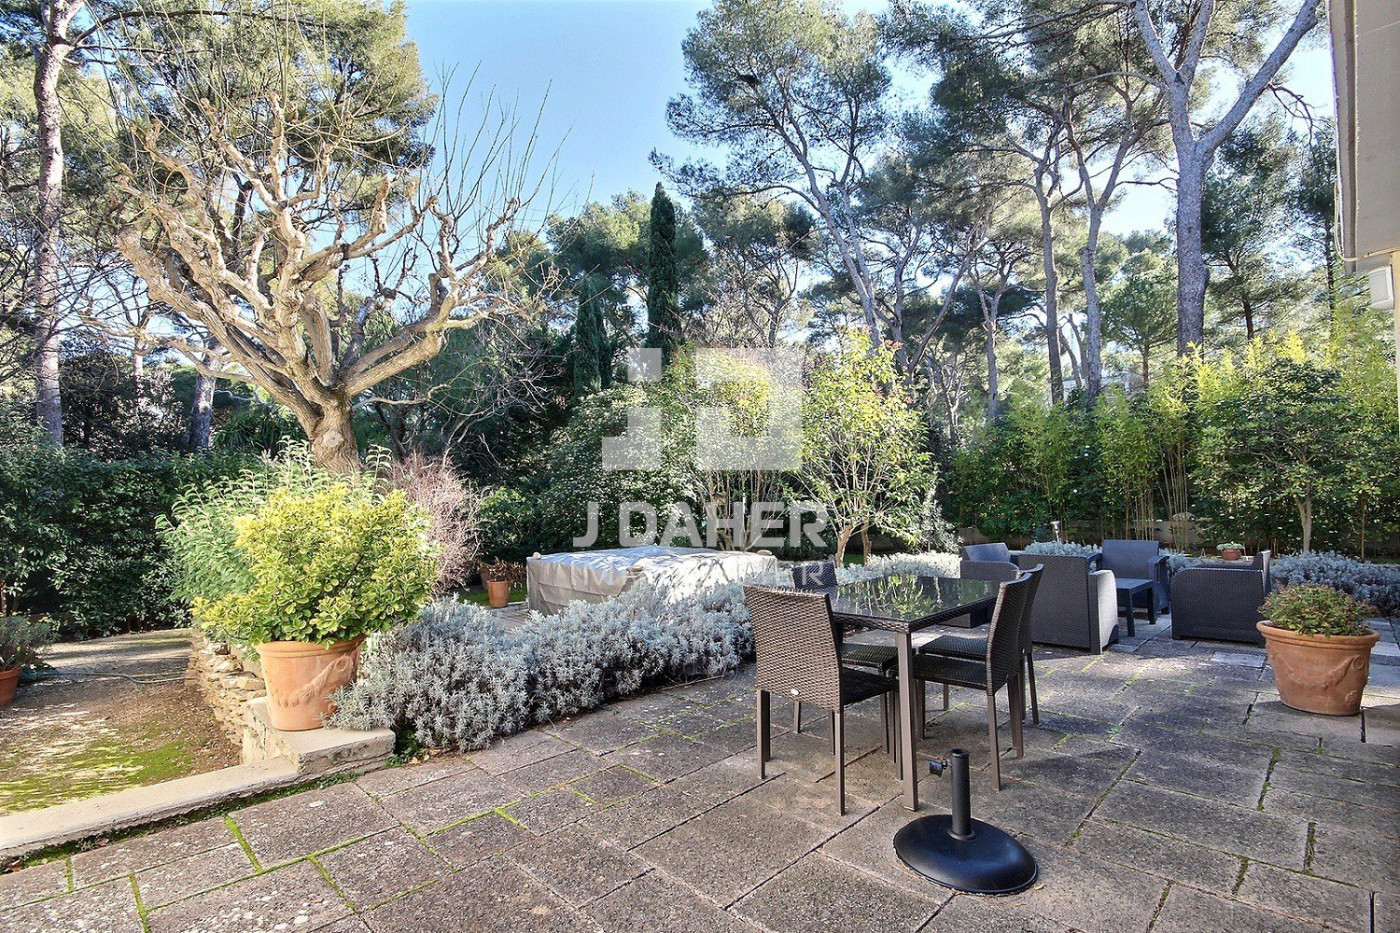 A vendre Marseille 8eme Arrondissement 13025763 J daher immobilier